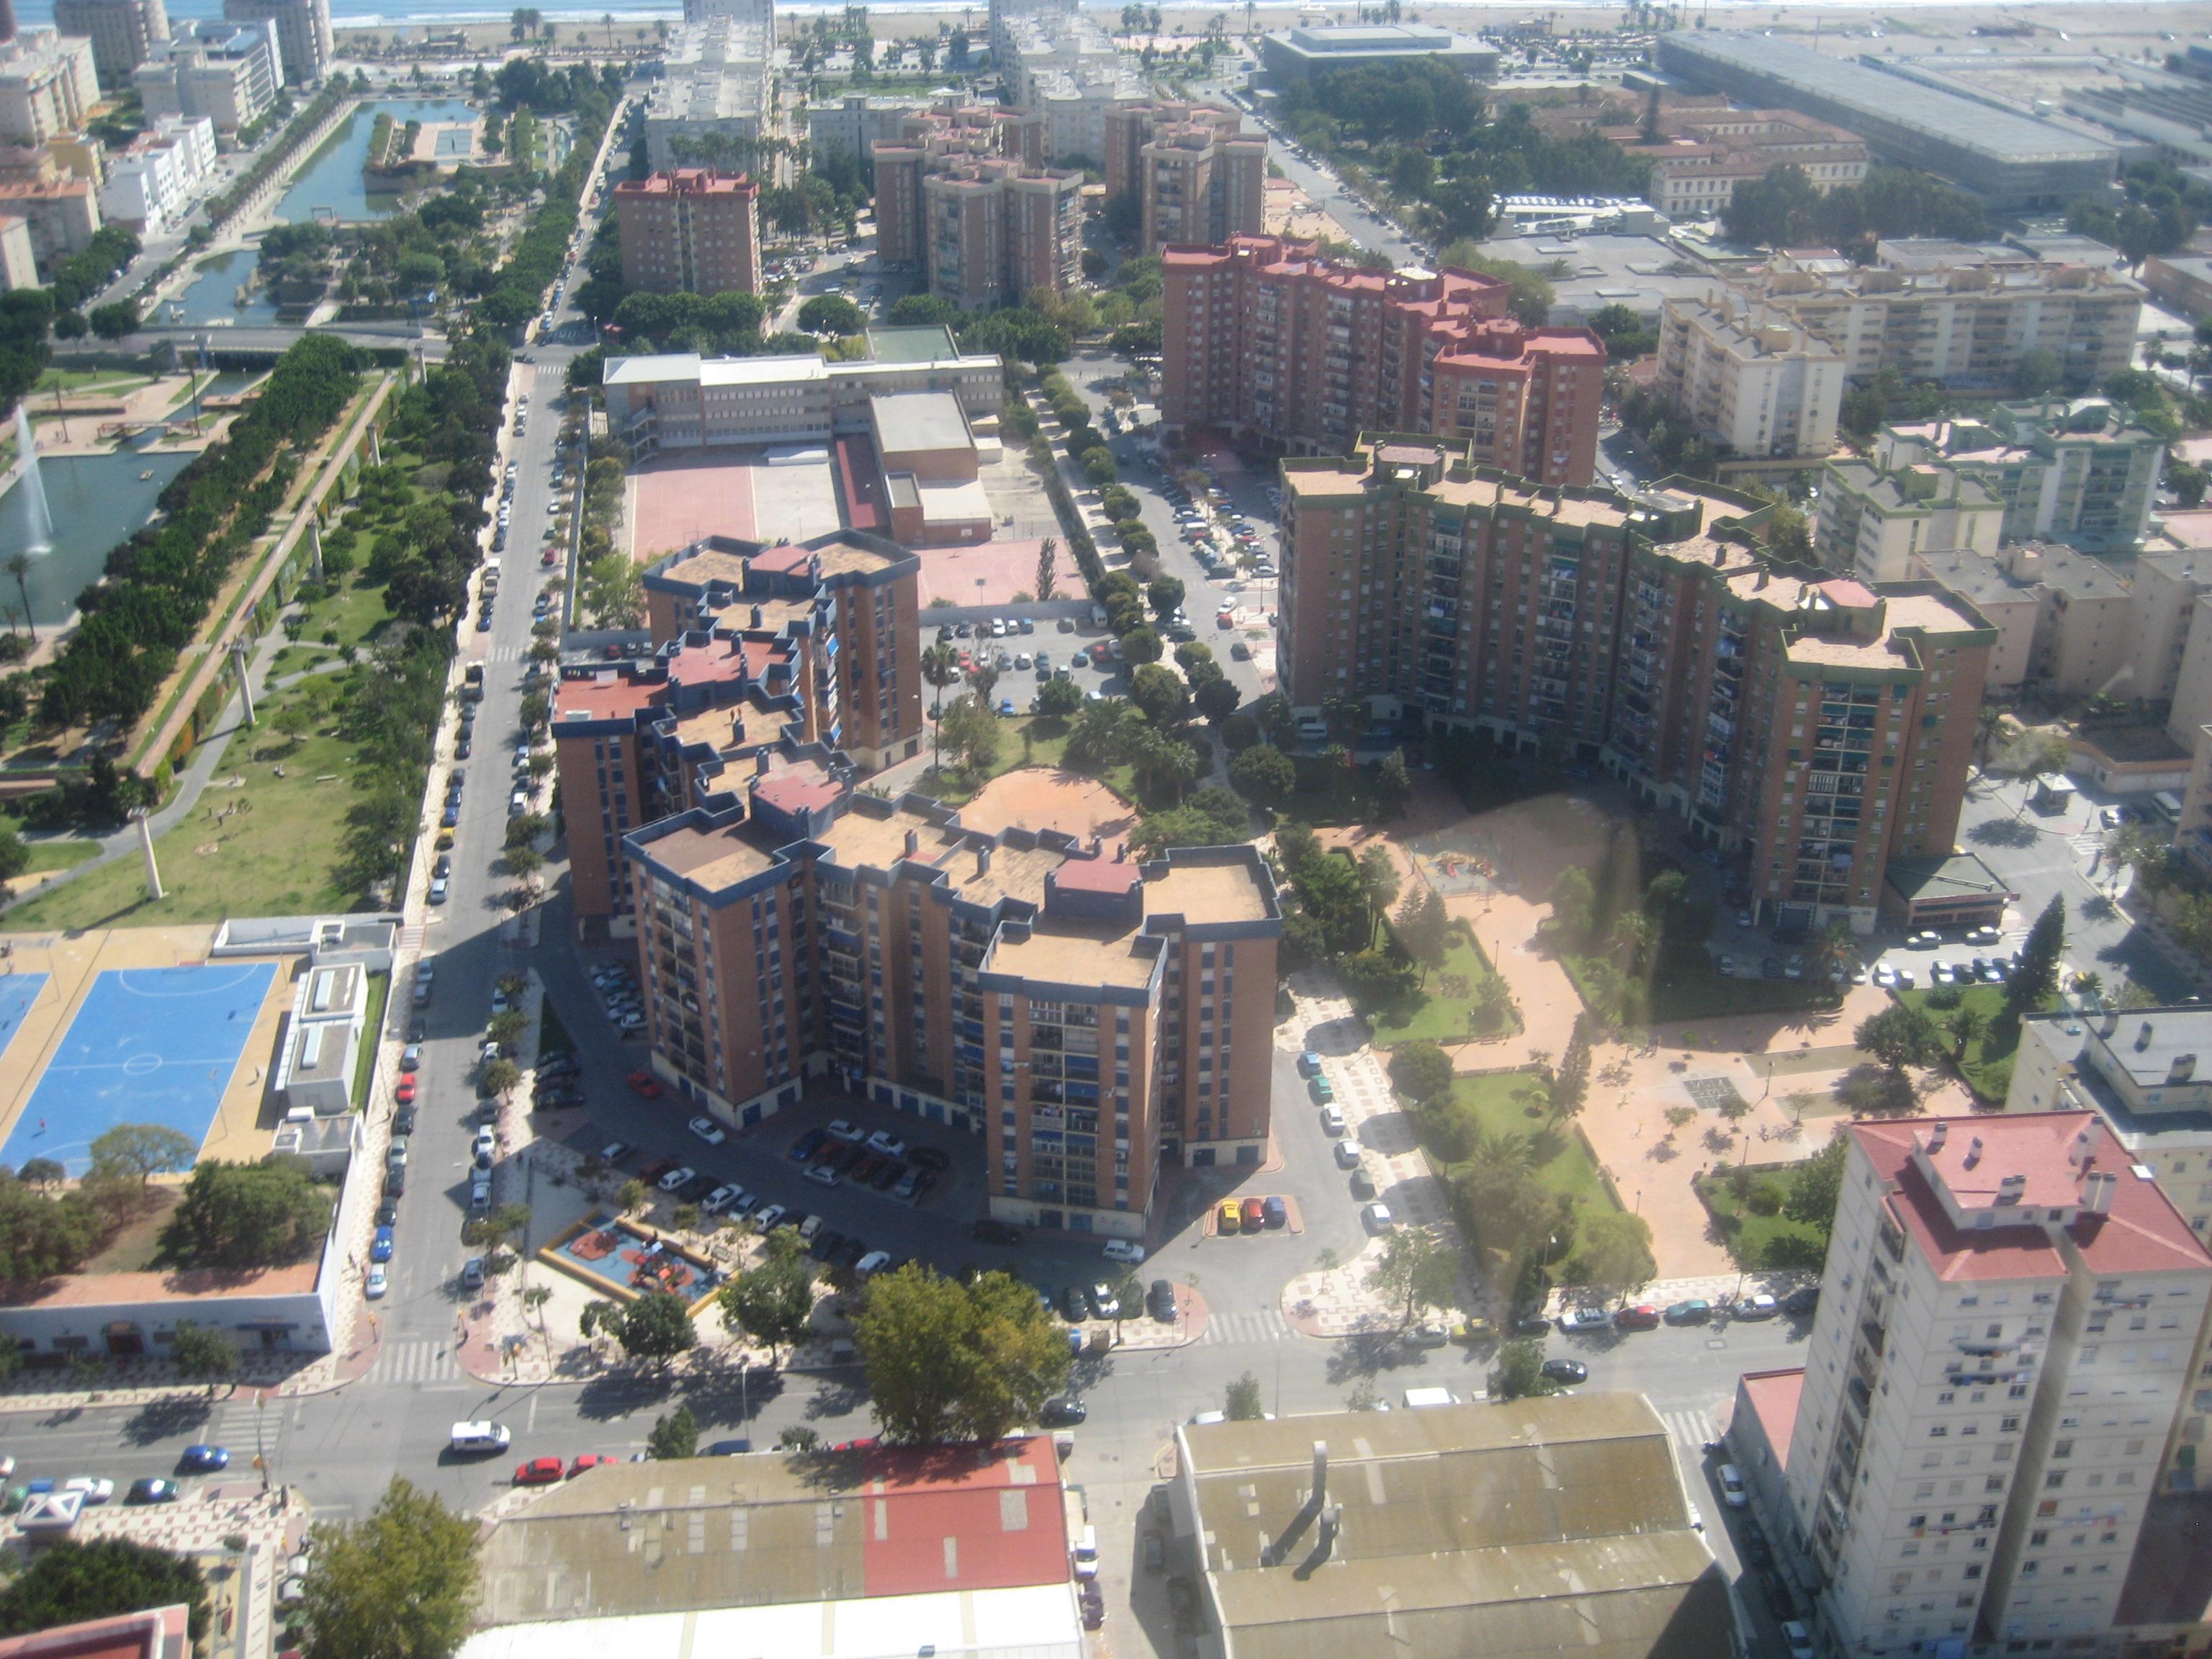 Vista a rea de la barriada santa paula fotos de carretera de c diz - Fotografia aerea malaga ...